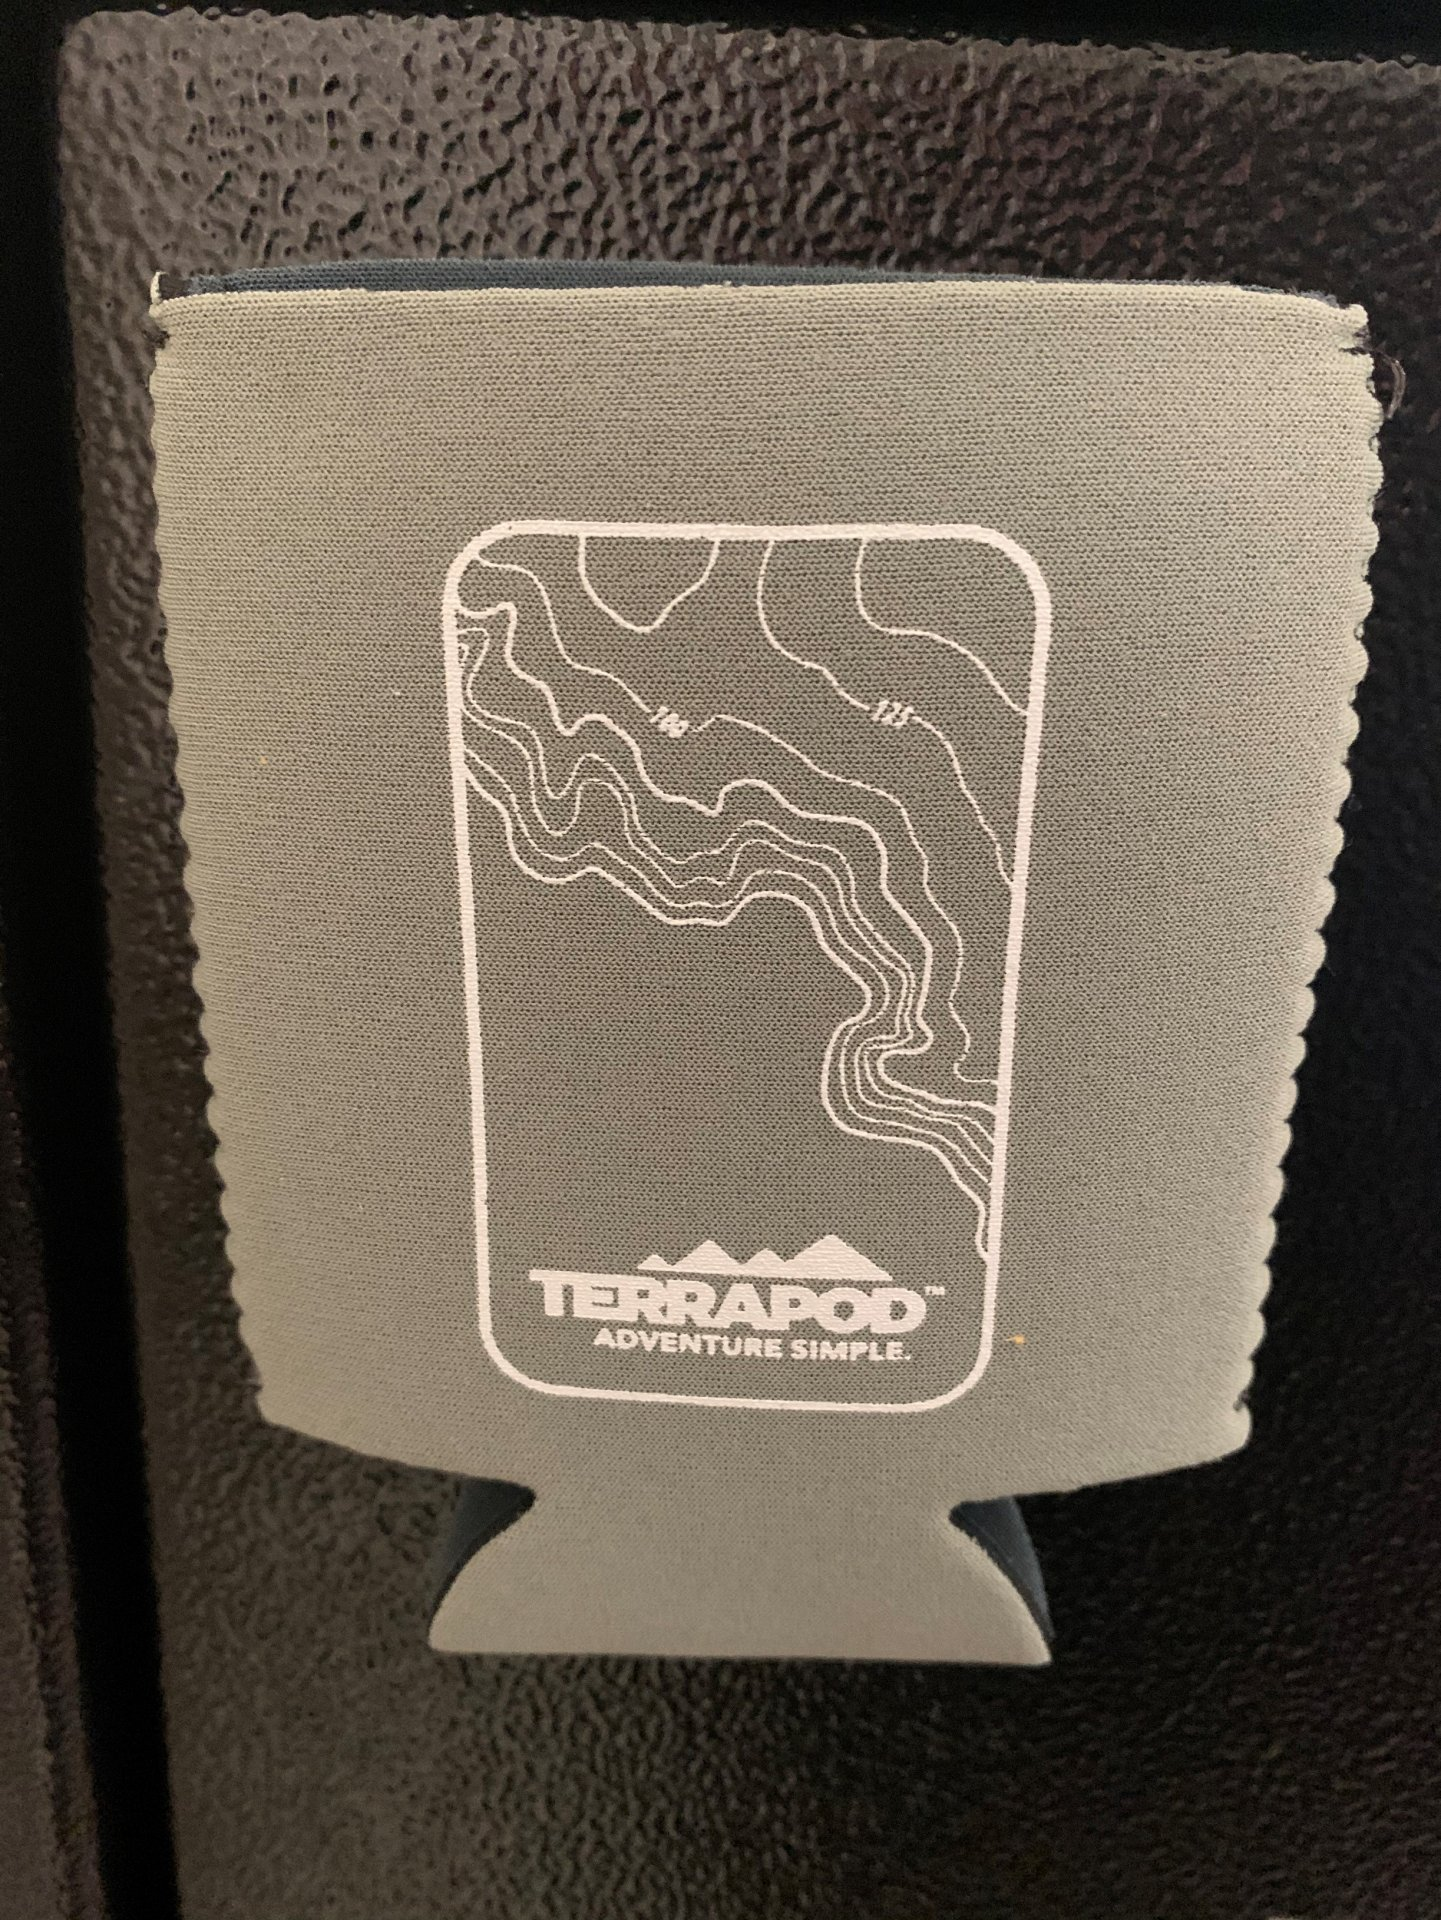 Terrapod coozie.jpg